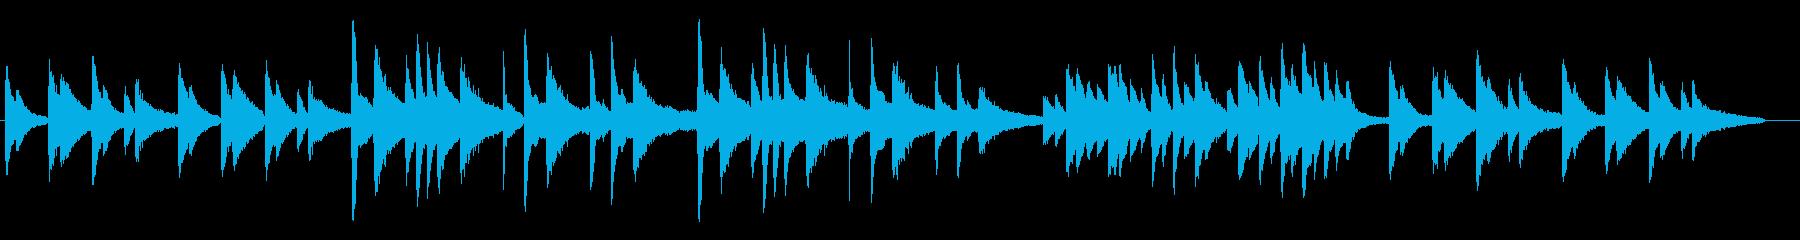 ピアノ生演奏曲 サティのジムノペディ風の再生済みの波形